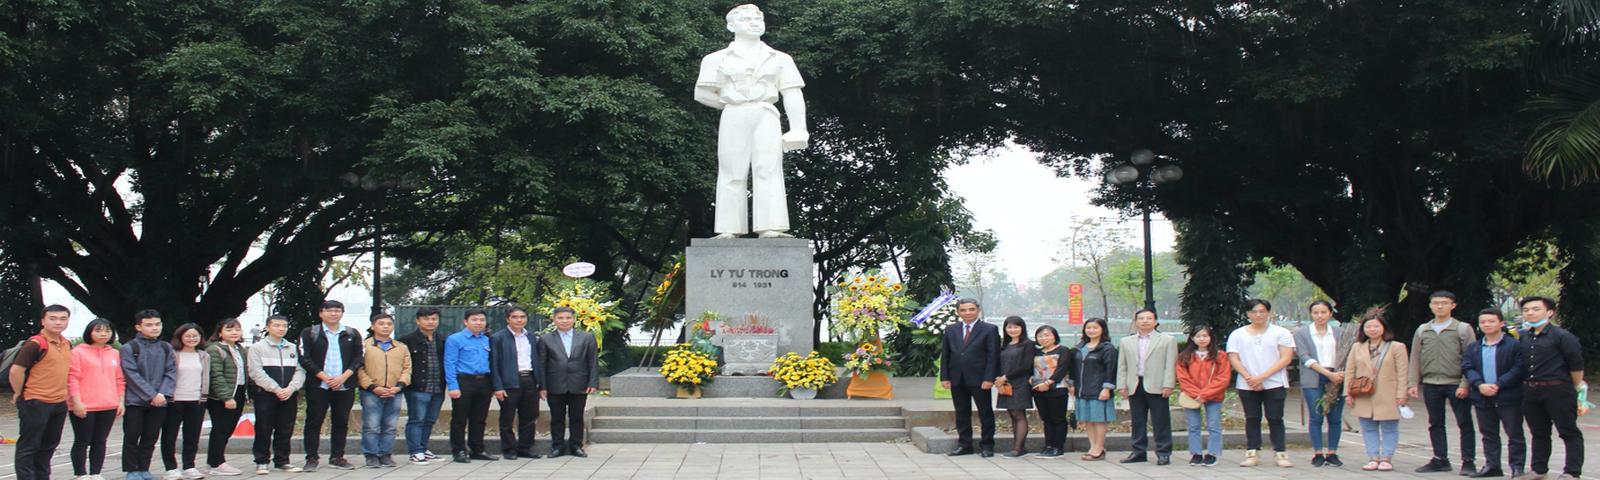 Chi Đoàn Viện Khoa học vật liệu tổ chức sinh hoạt chính trị nhân kỷ niệm 90 năm ngày thành lập Đoàn TNCS Hồ Chí Minh